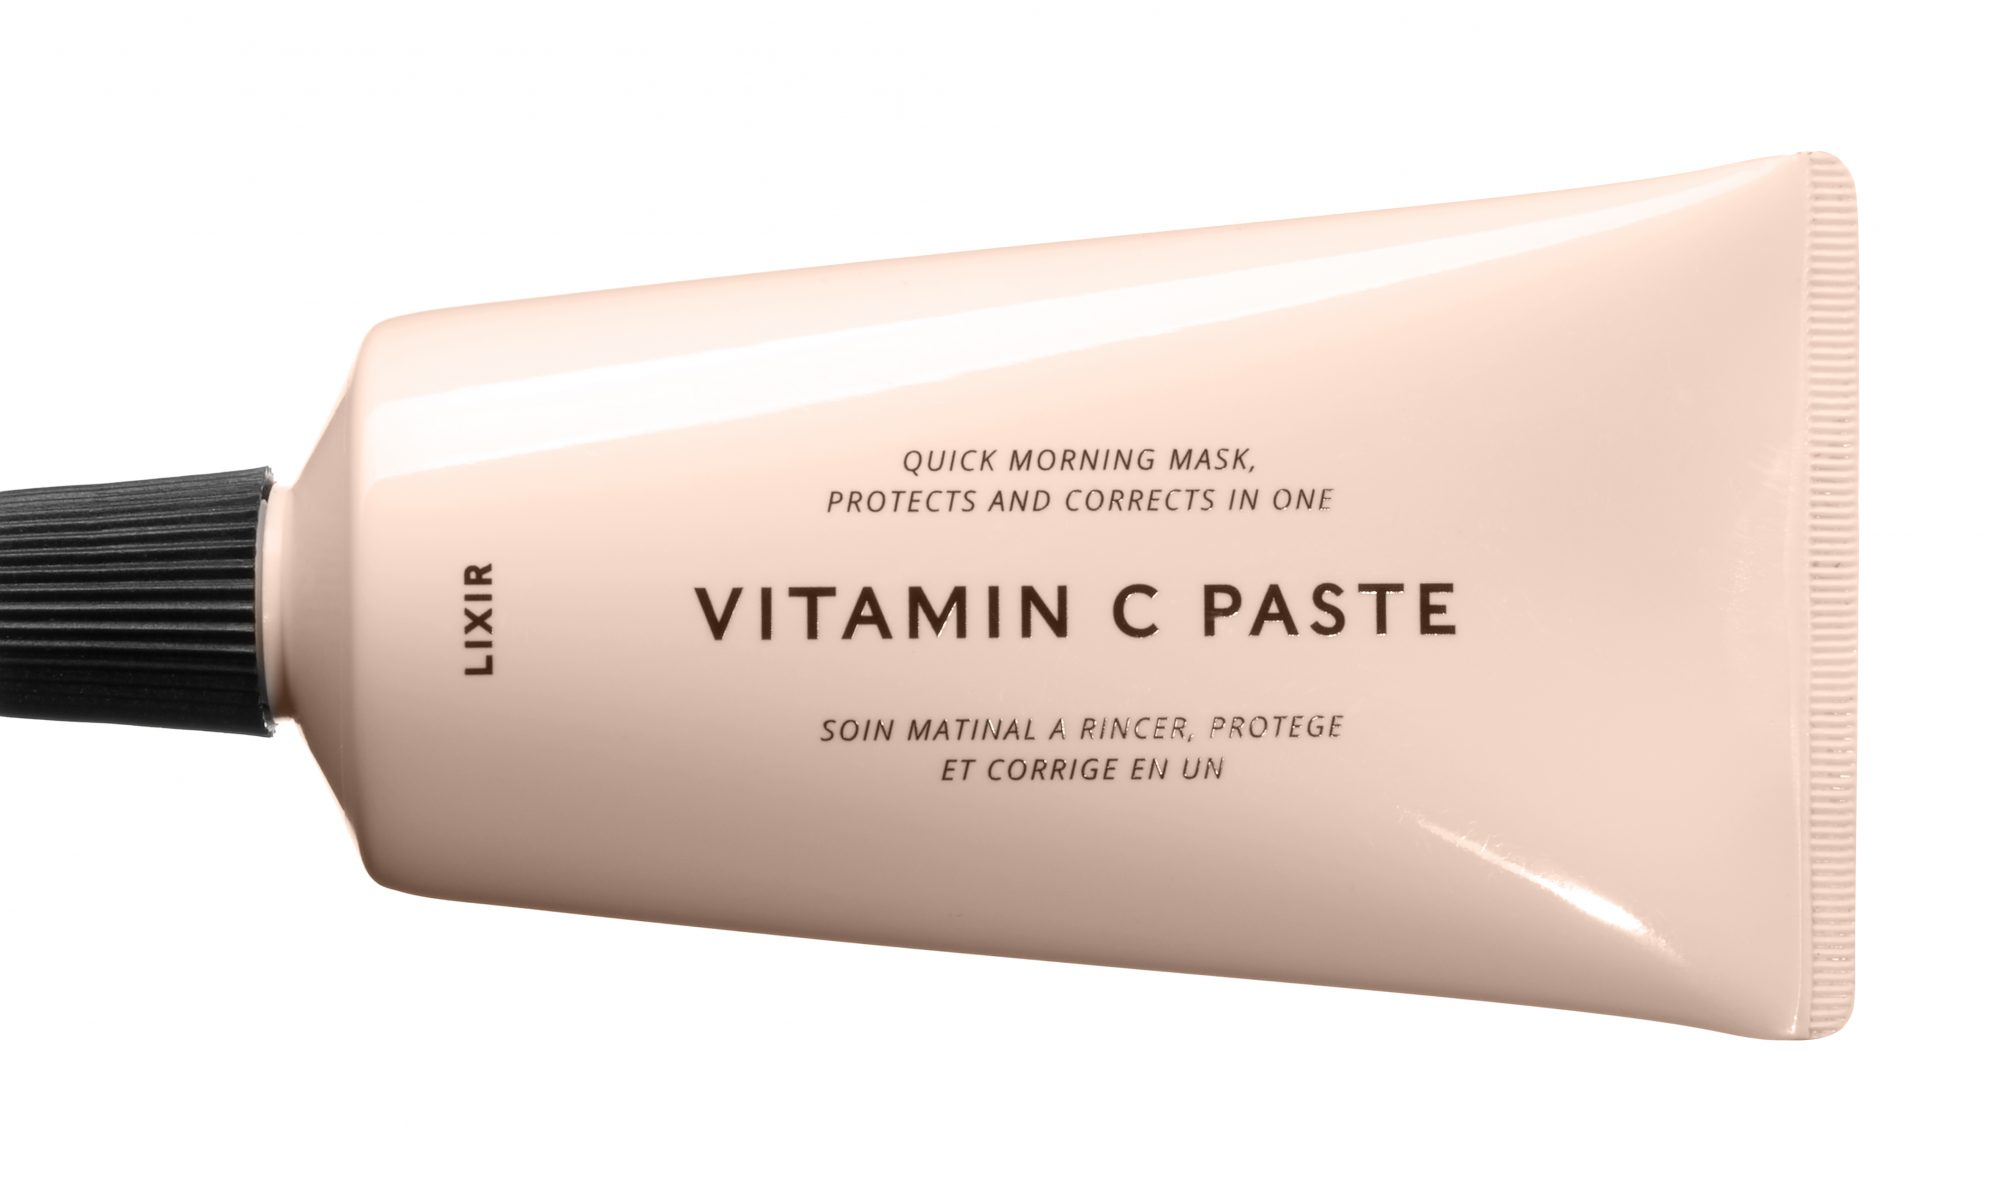 Vitamin C Paste